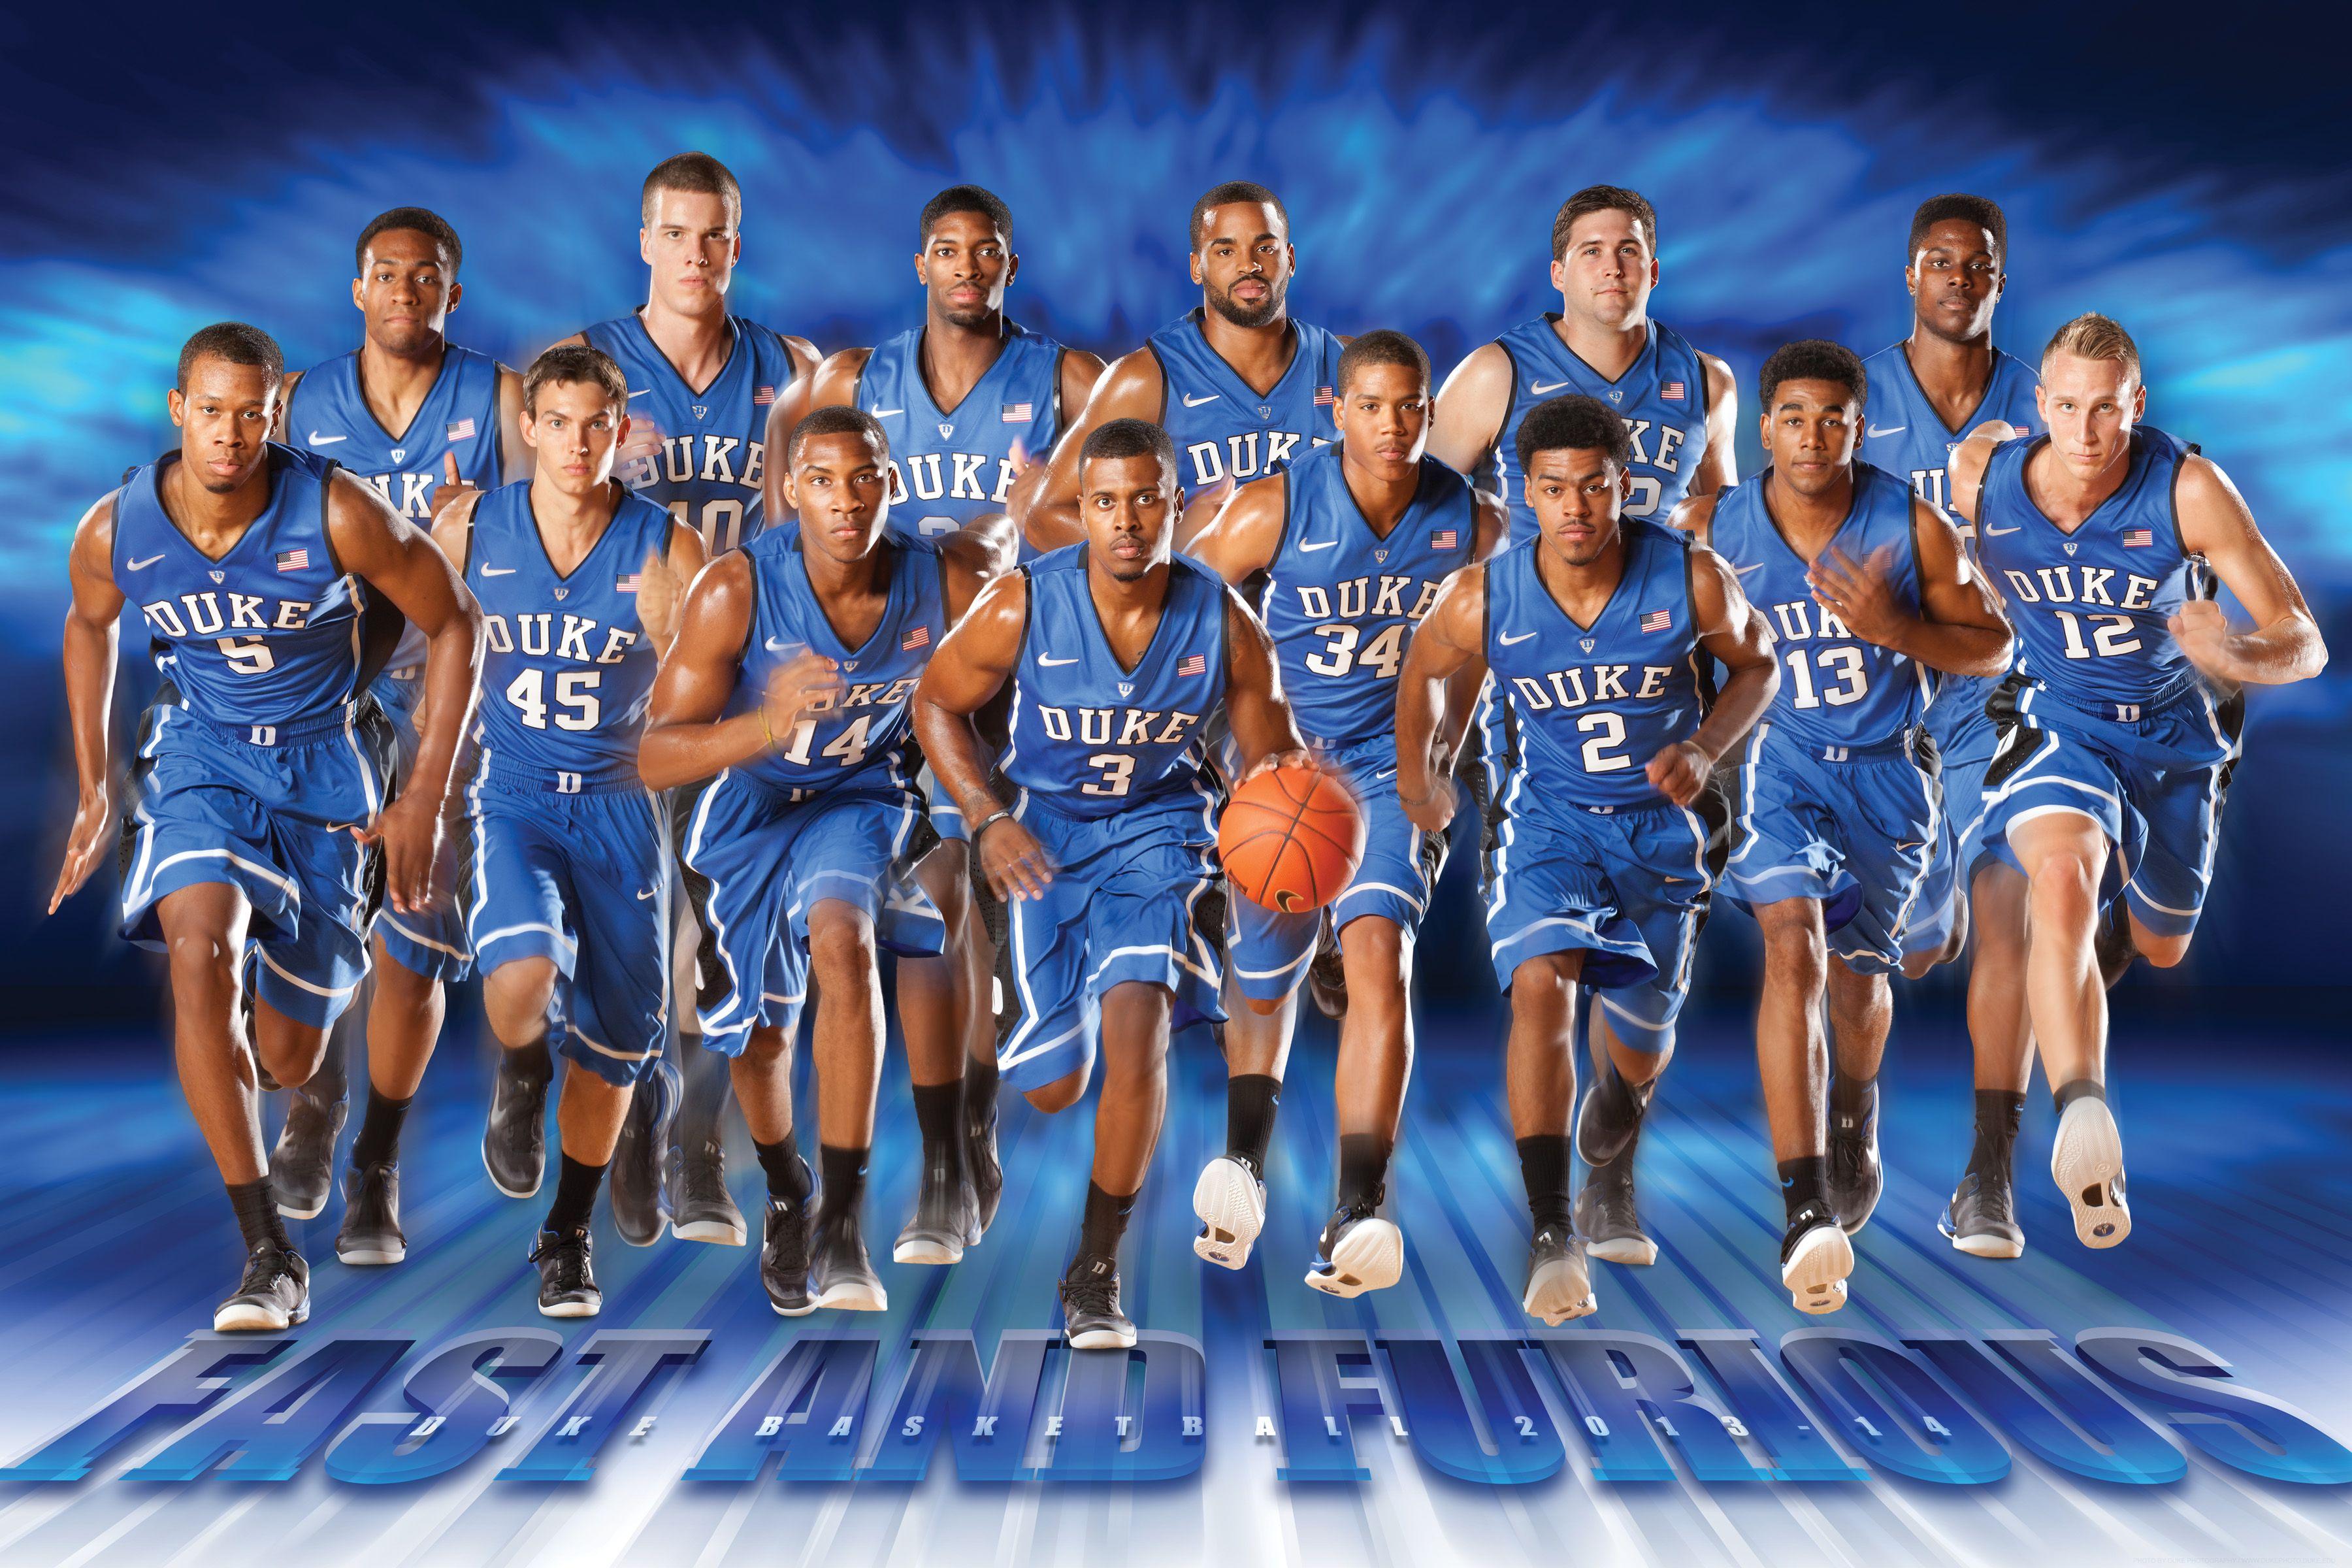 2013 14 Duke Basketball Basketball Team Pictures Duke Blue Devils Basketball